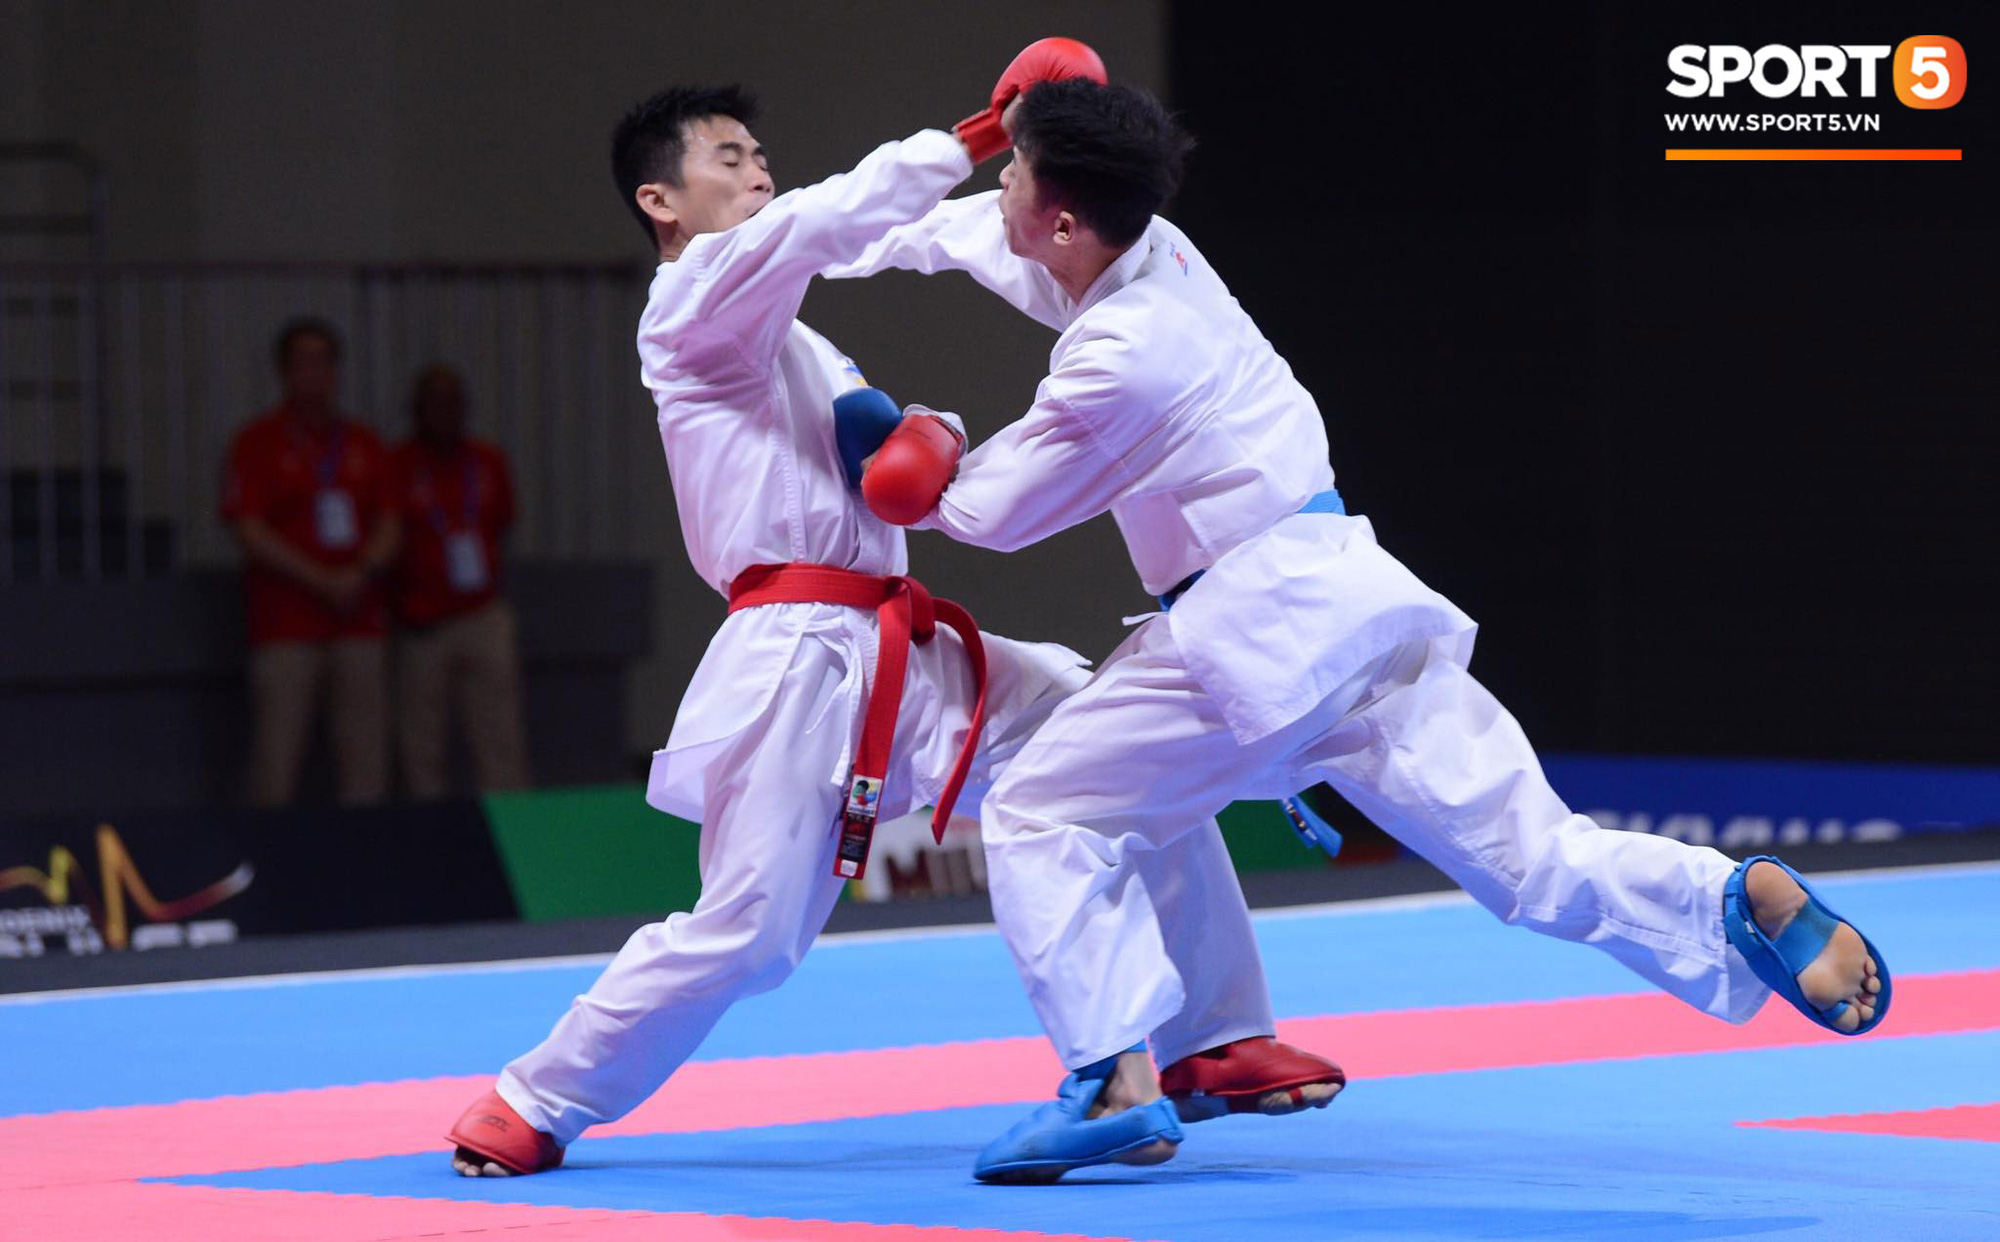 SEA Games ngày 8/12: Nữ hoàng điền kinh Tú Chinh vượt 2 VĐV nhập tịch trong tích tắc, xuất sắc giành HCV chung cuộc - Ảnh 64.